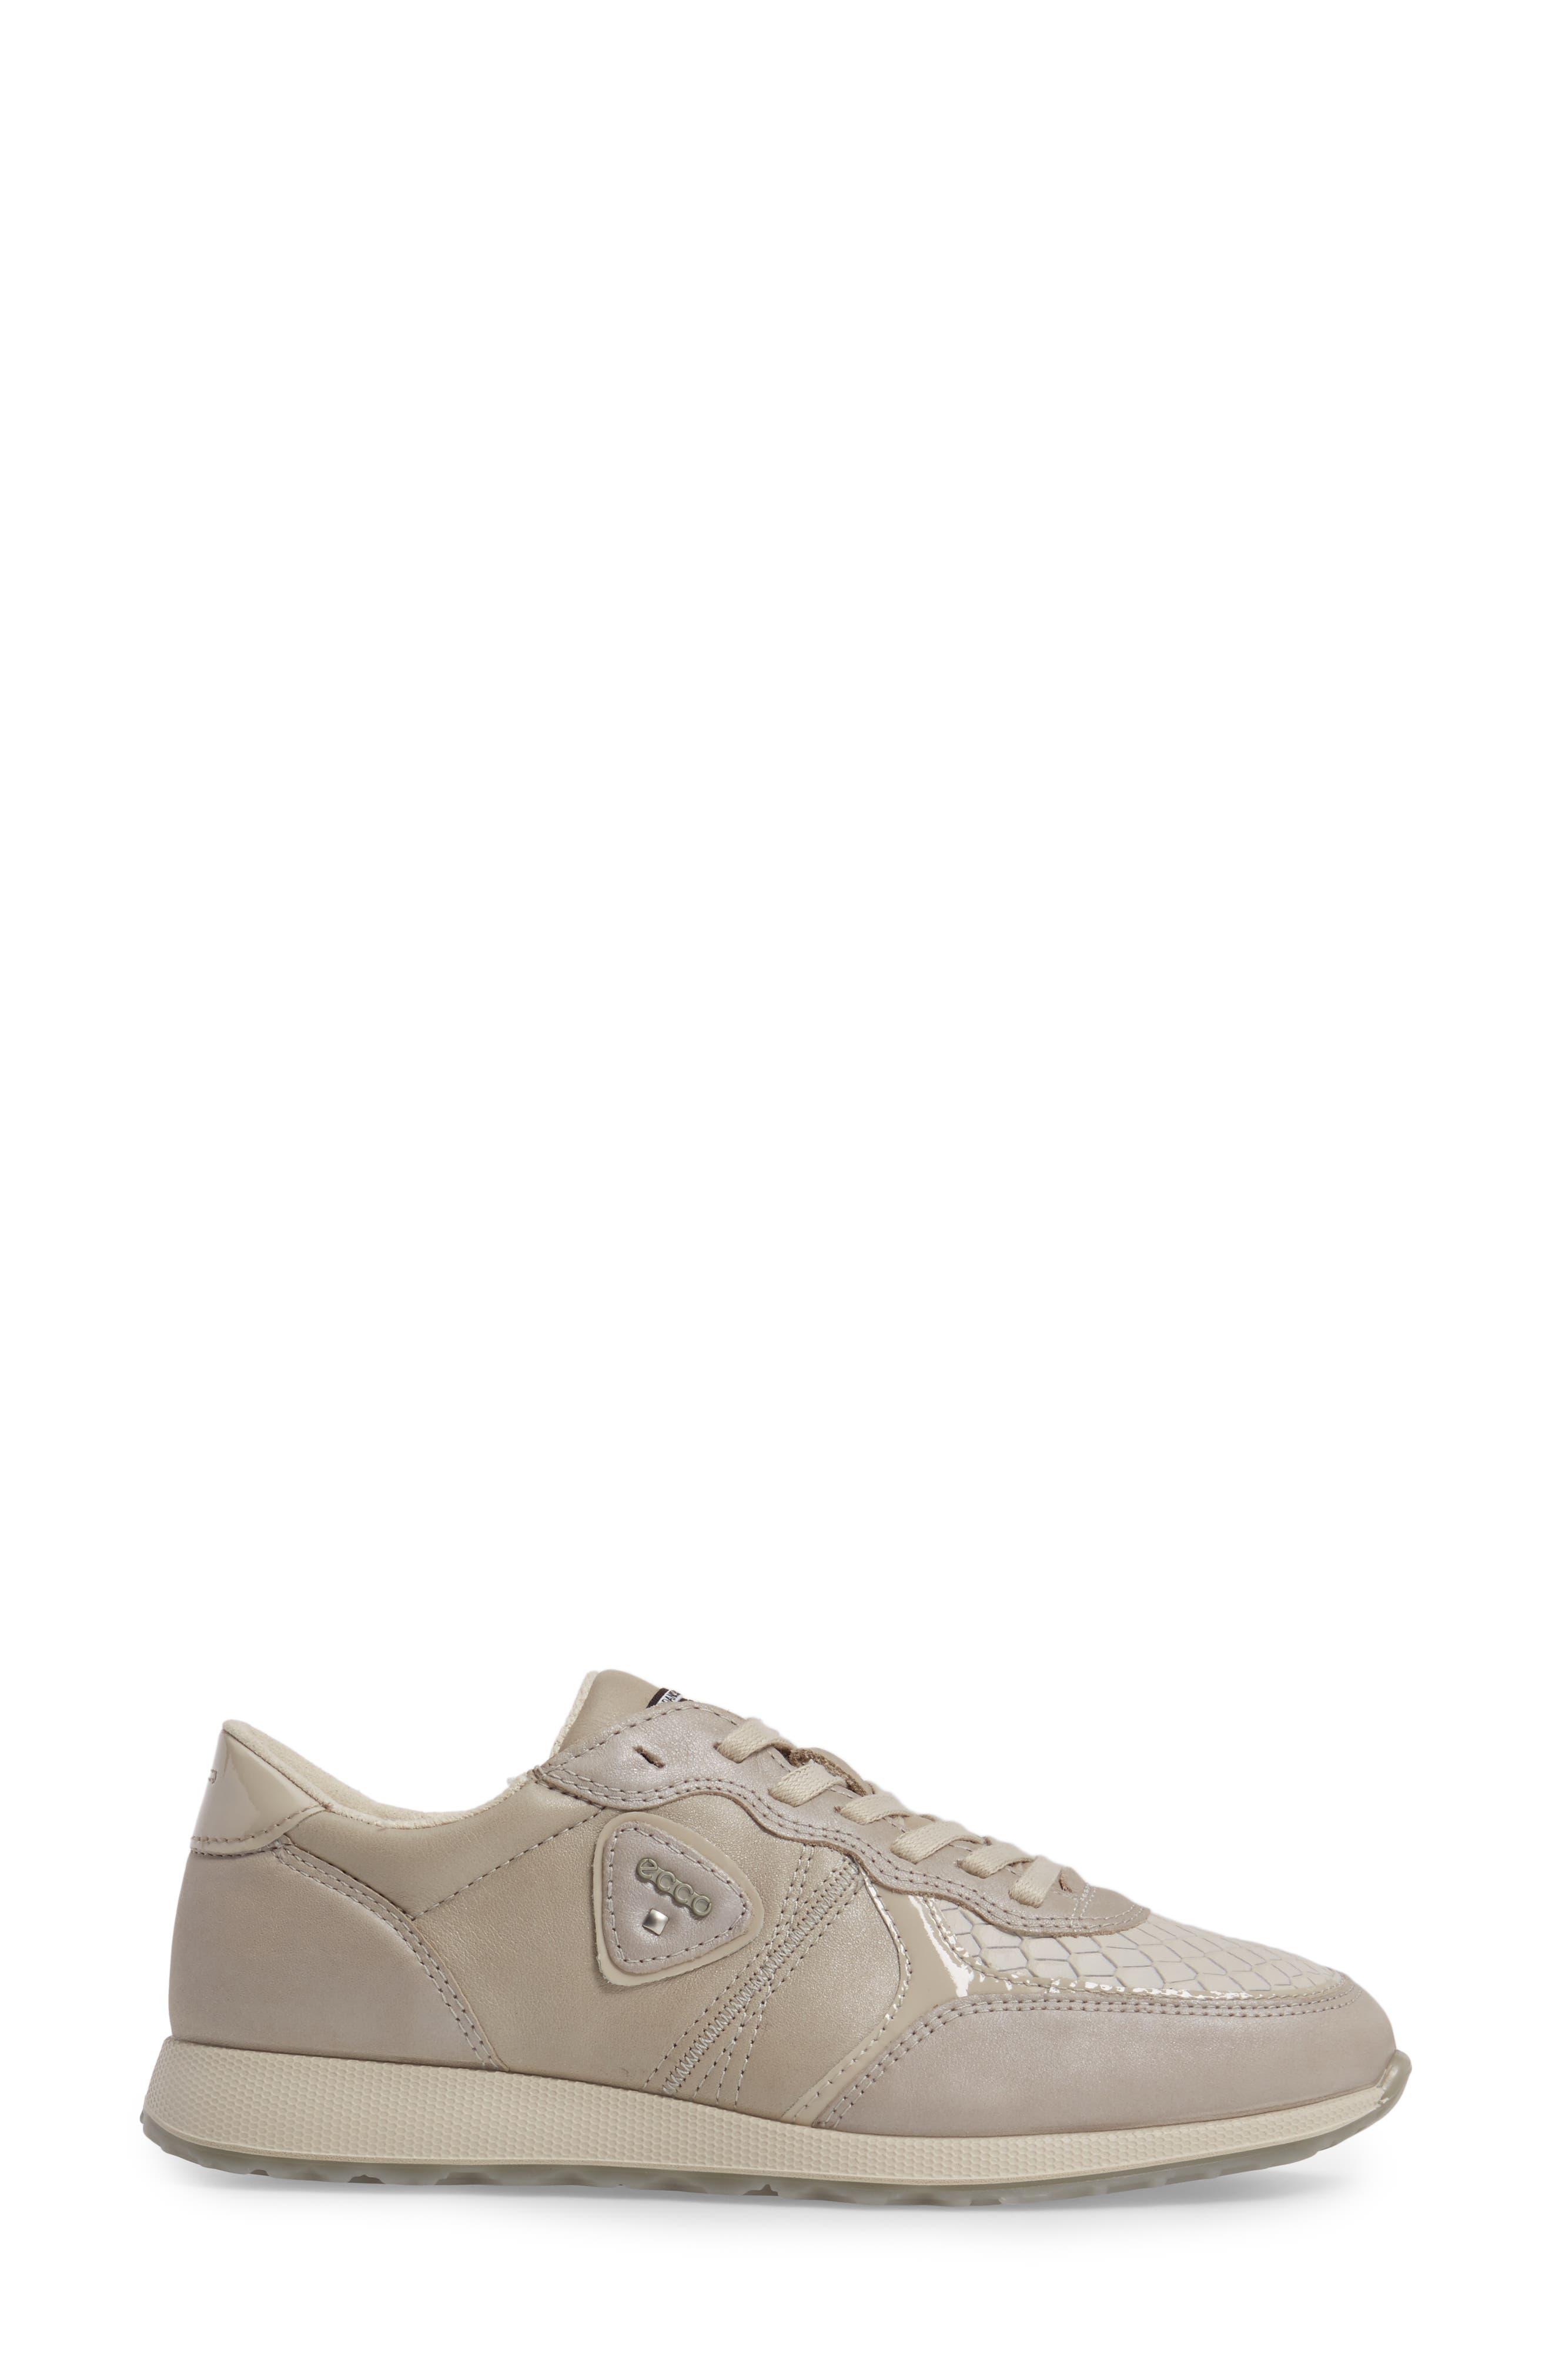 Retro Sneaker,                             Alternate thumbnail 3, color,                             GRAVEL/ WHITE LEATHER